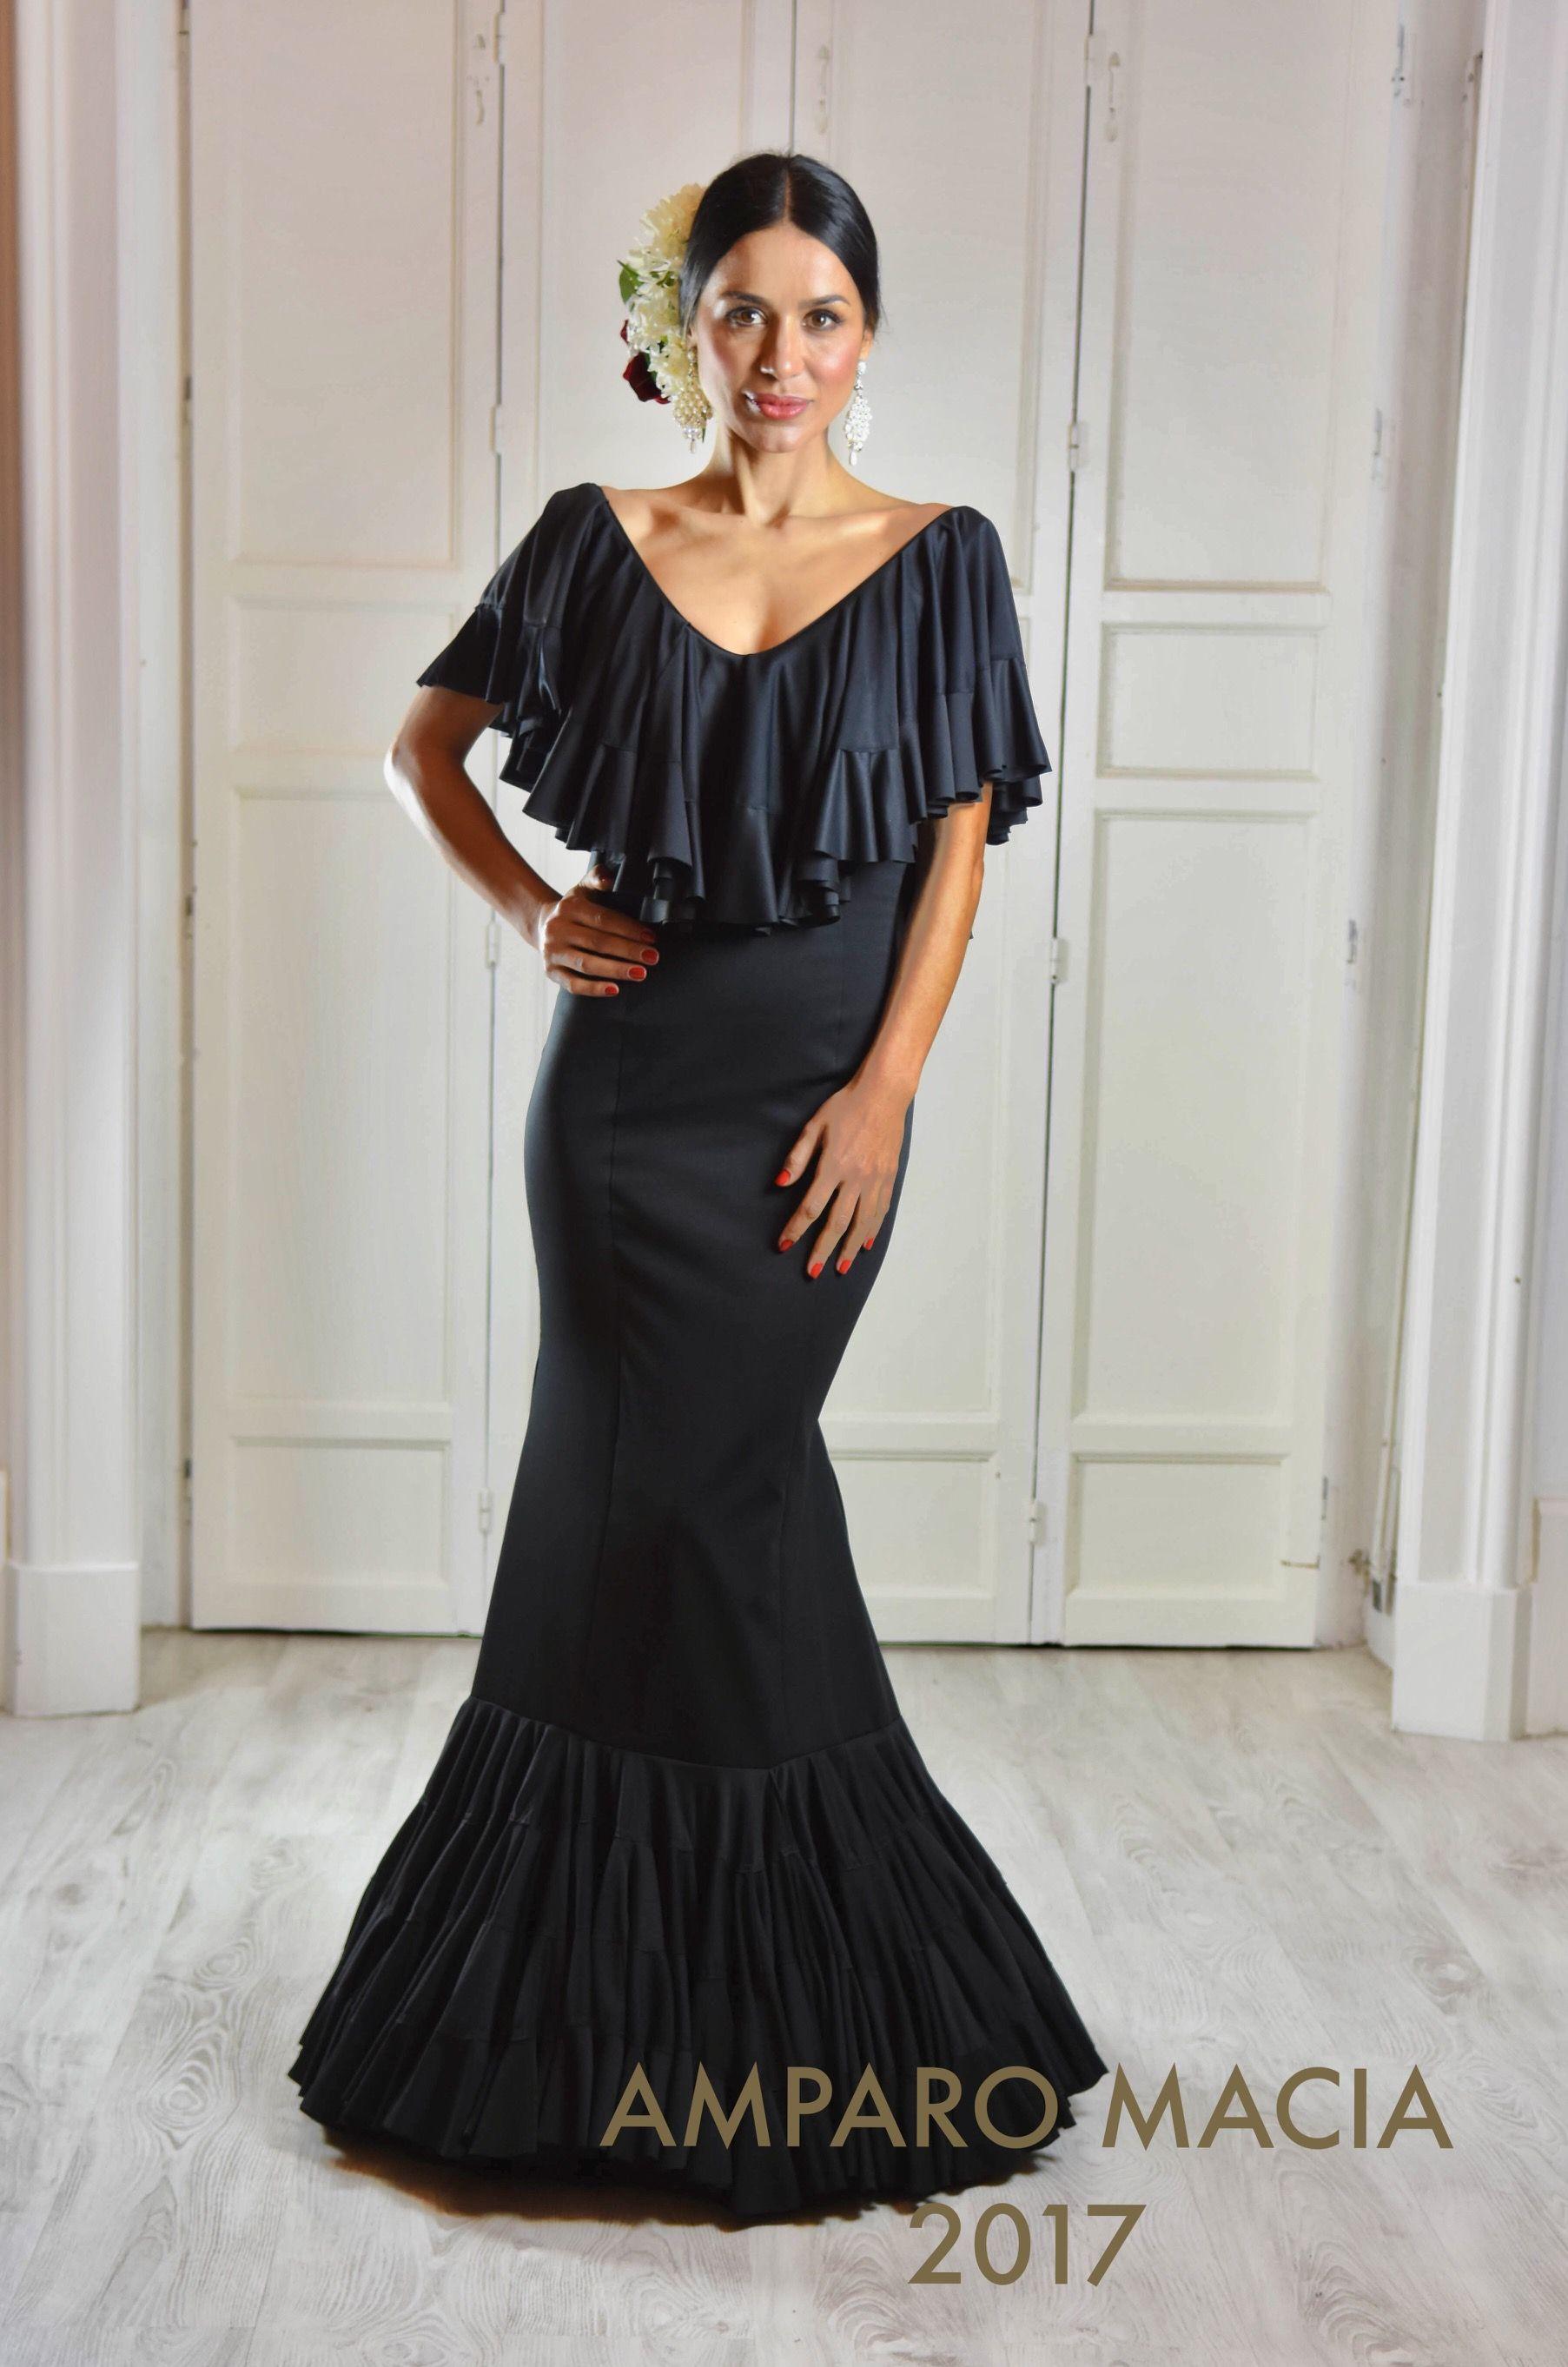 66bd9c39db Amparo Macia Colección Flamenca 2017 (19)